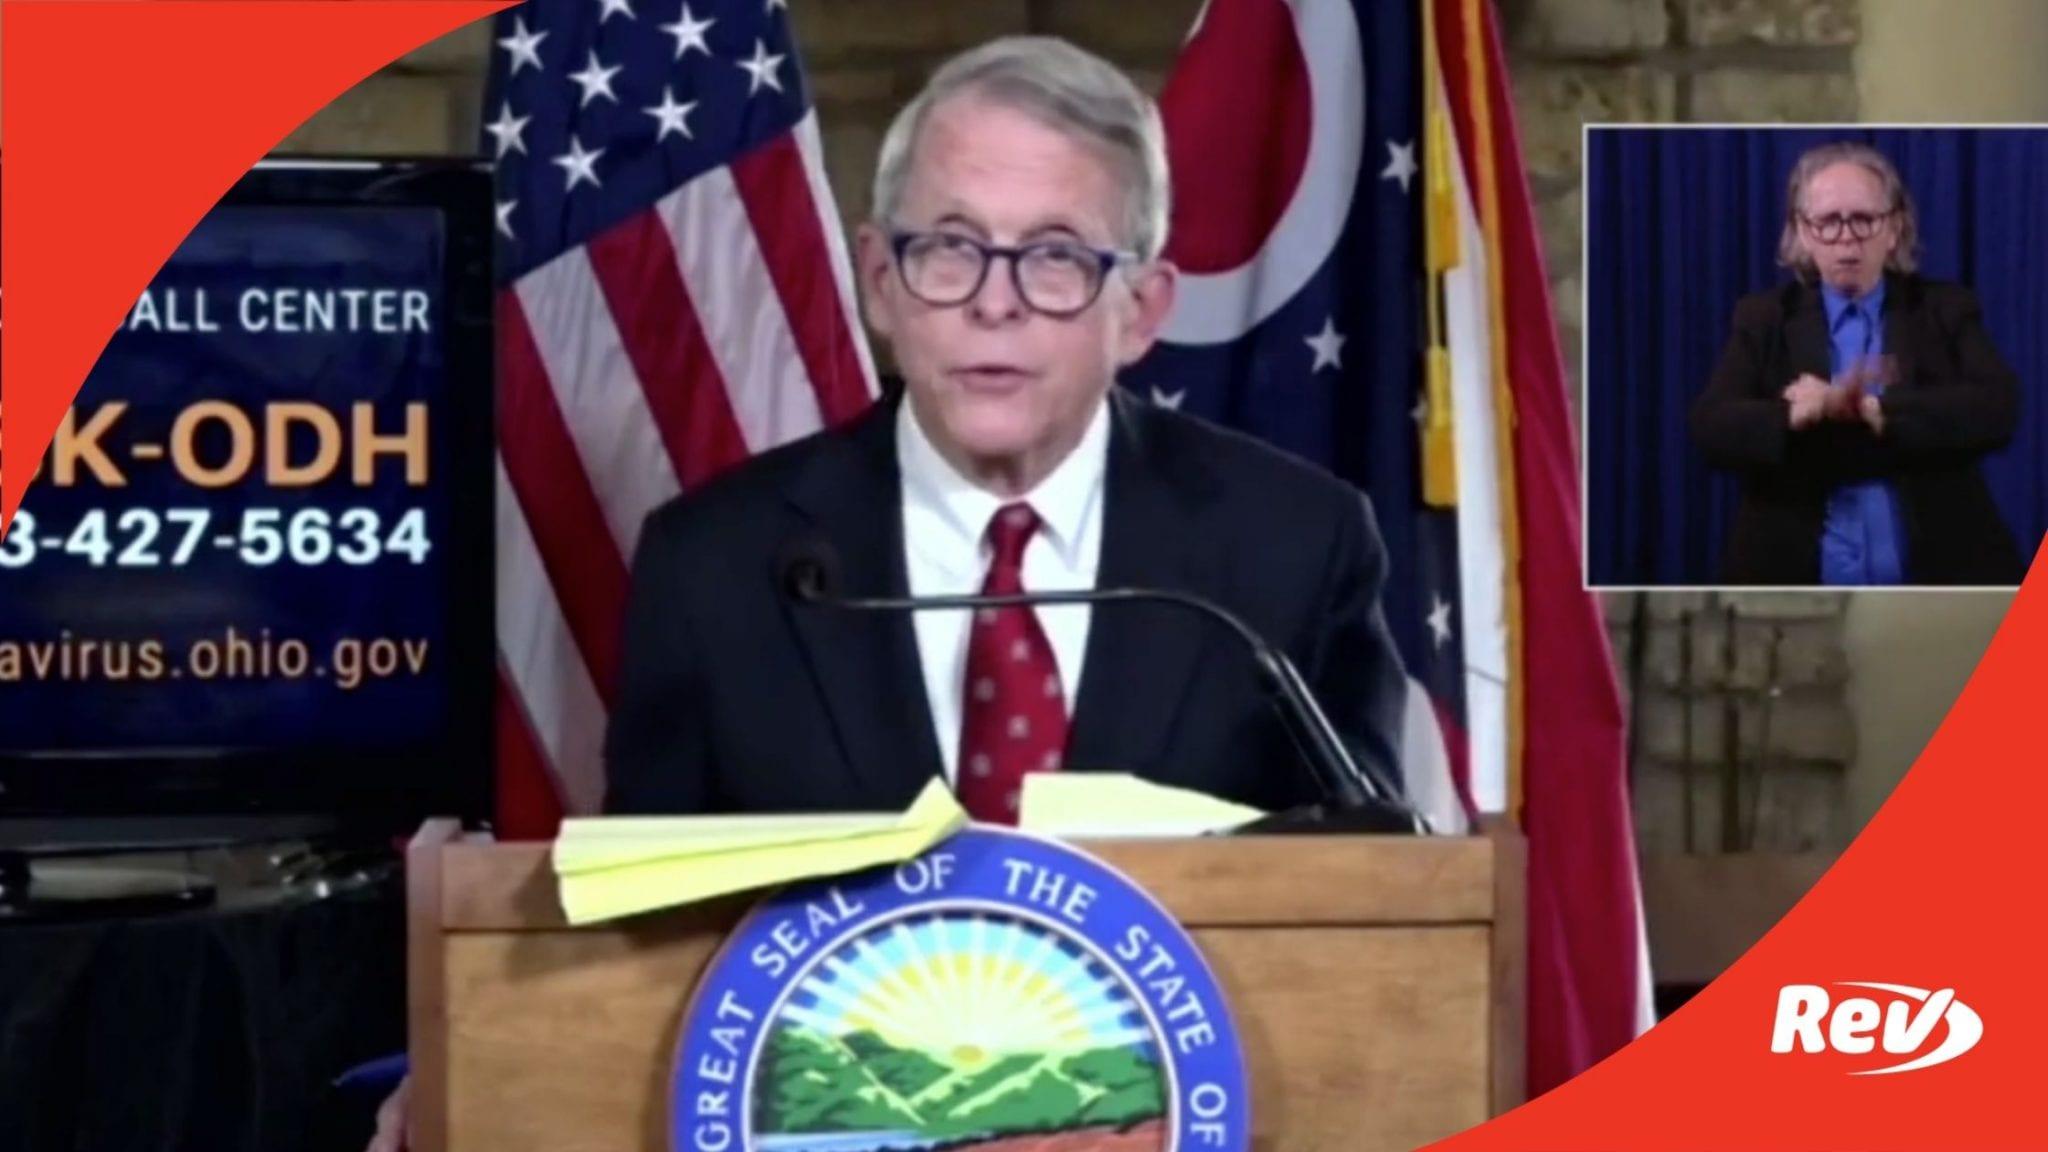 Ohio Gov. Mike DeWine COVID-19 Press Conference Transcript November 17